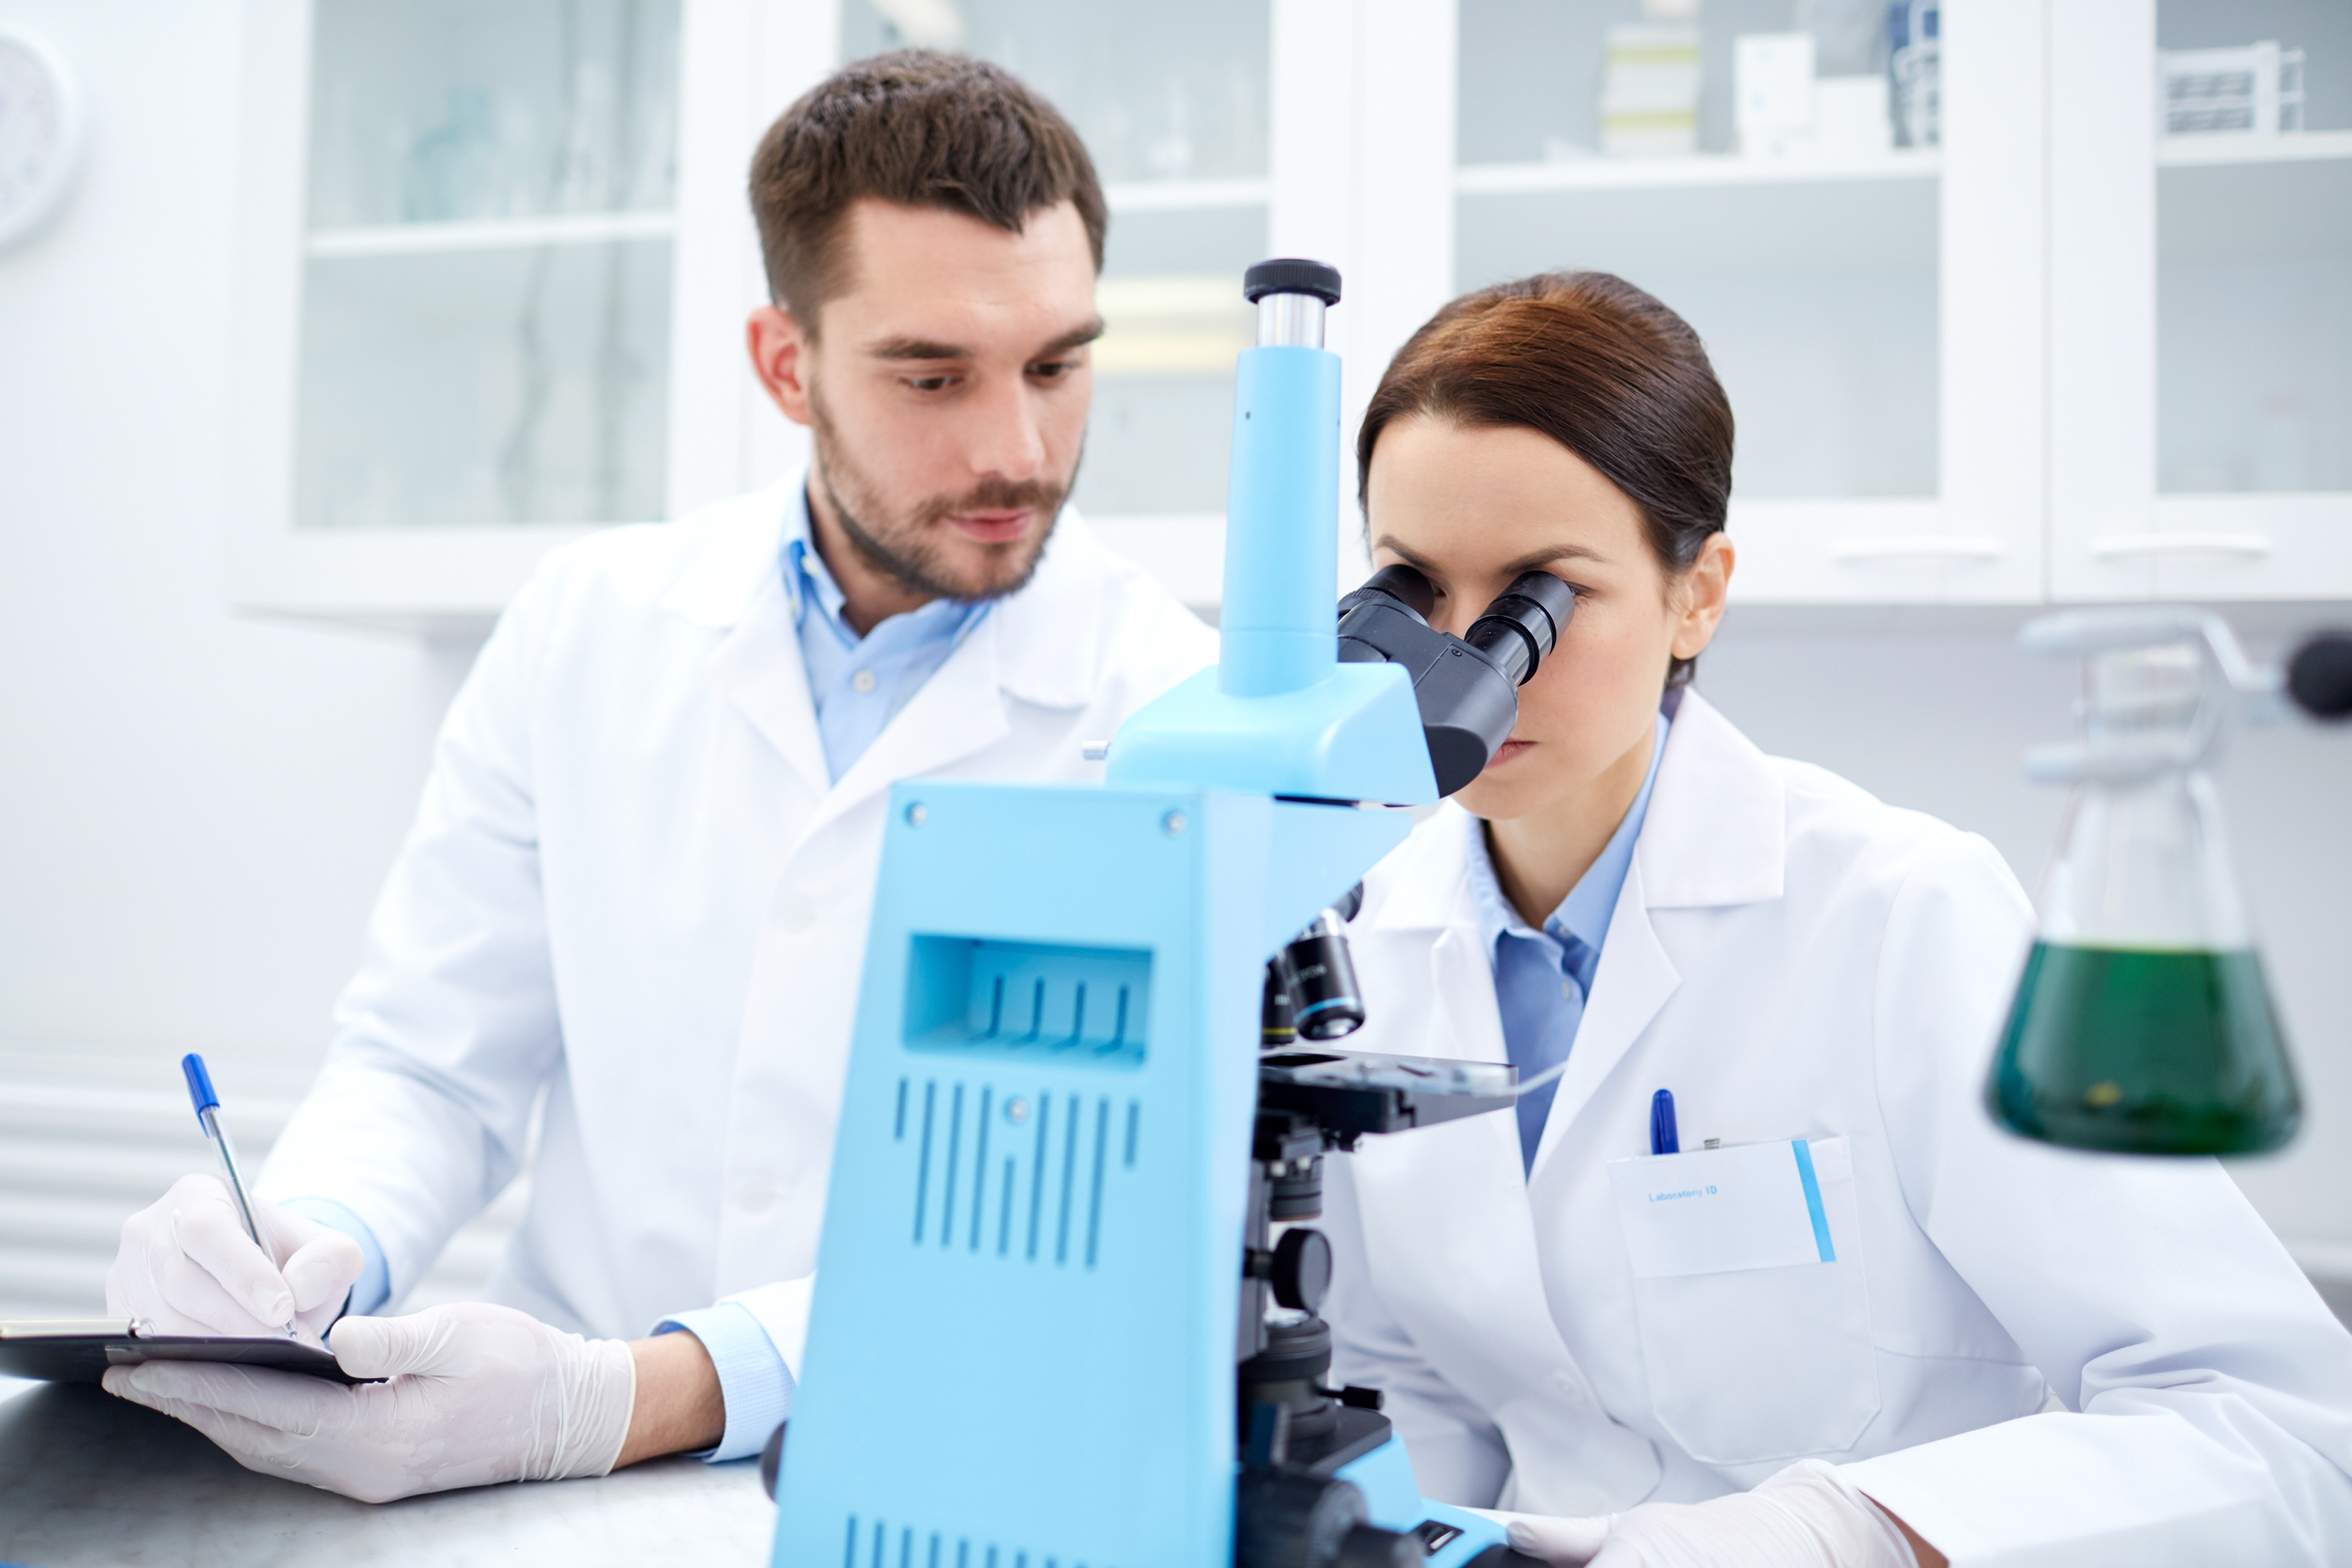 Vědci vytváří umělou kůži, která by umožnila lidem s protézou znovu cítit